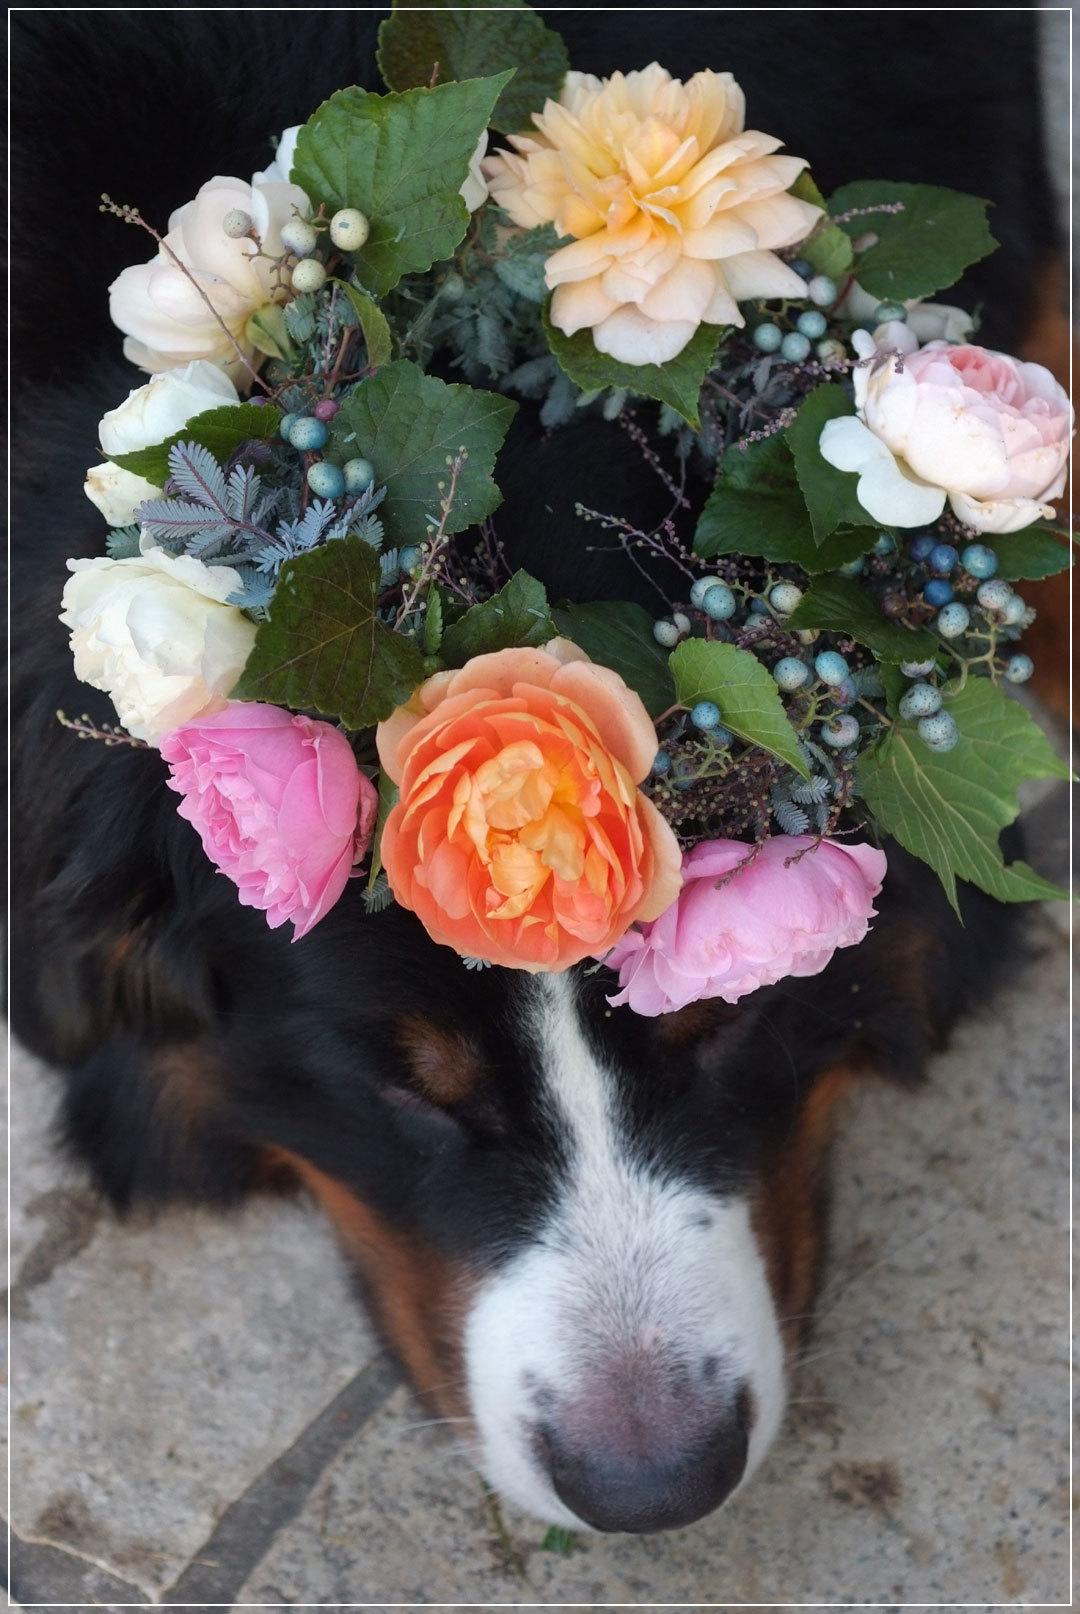 秋バラと野ブドウの花冠とロジャー(11月1日)_b0075541_14384265.jpg